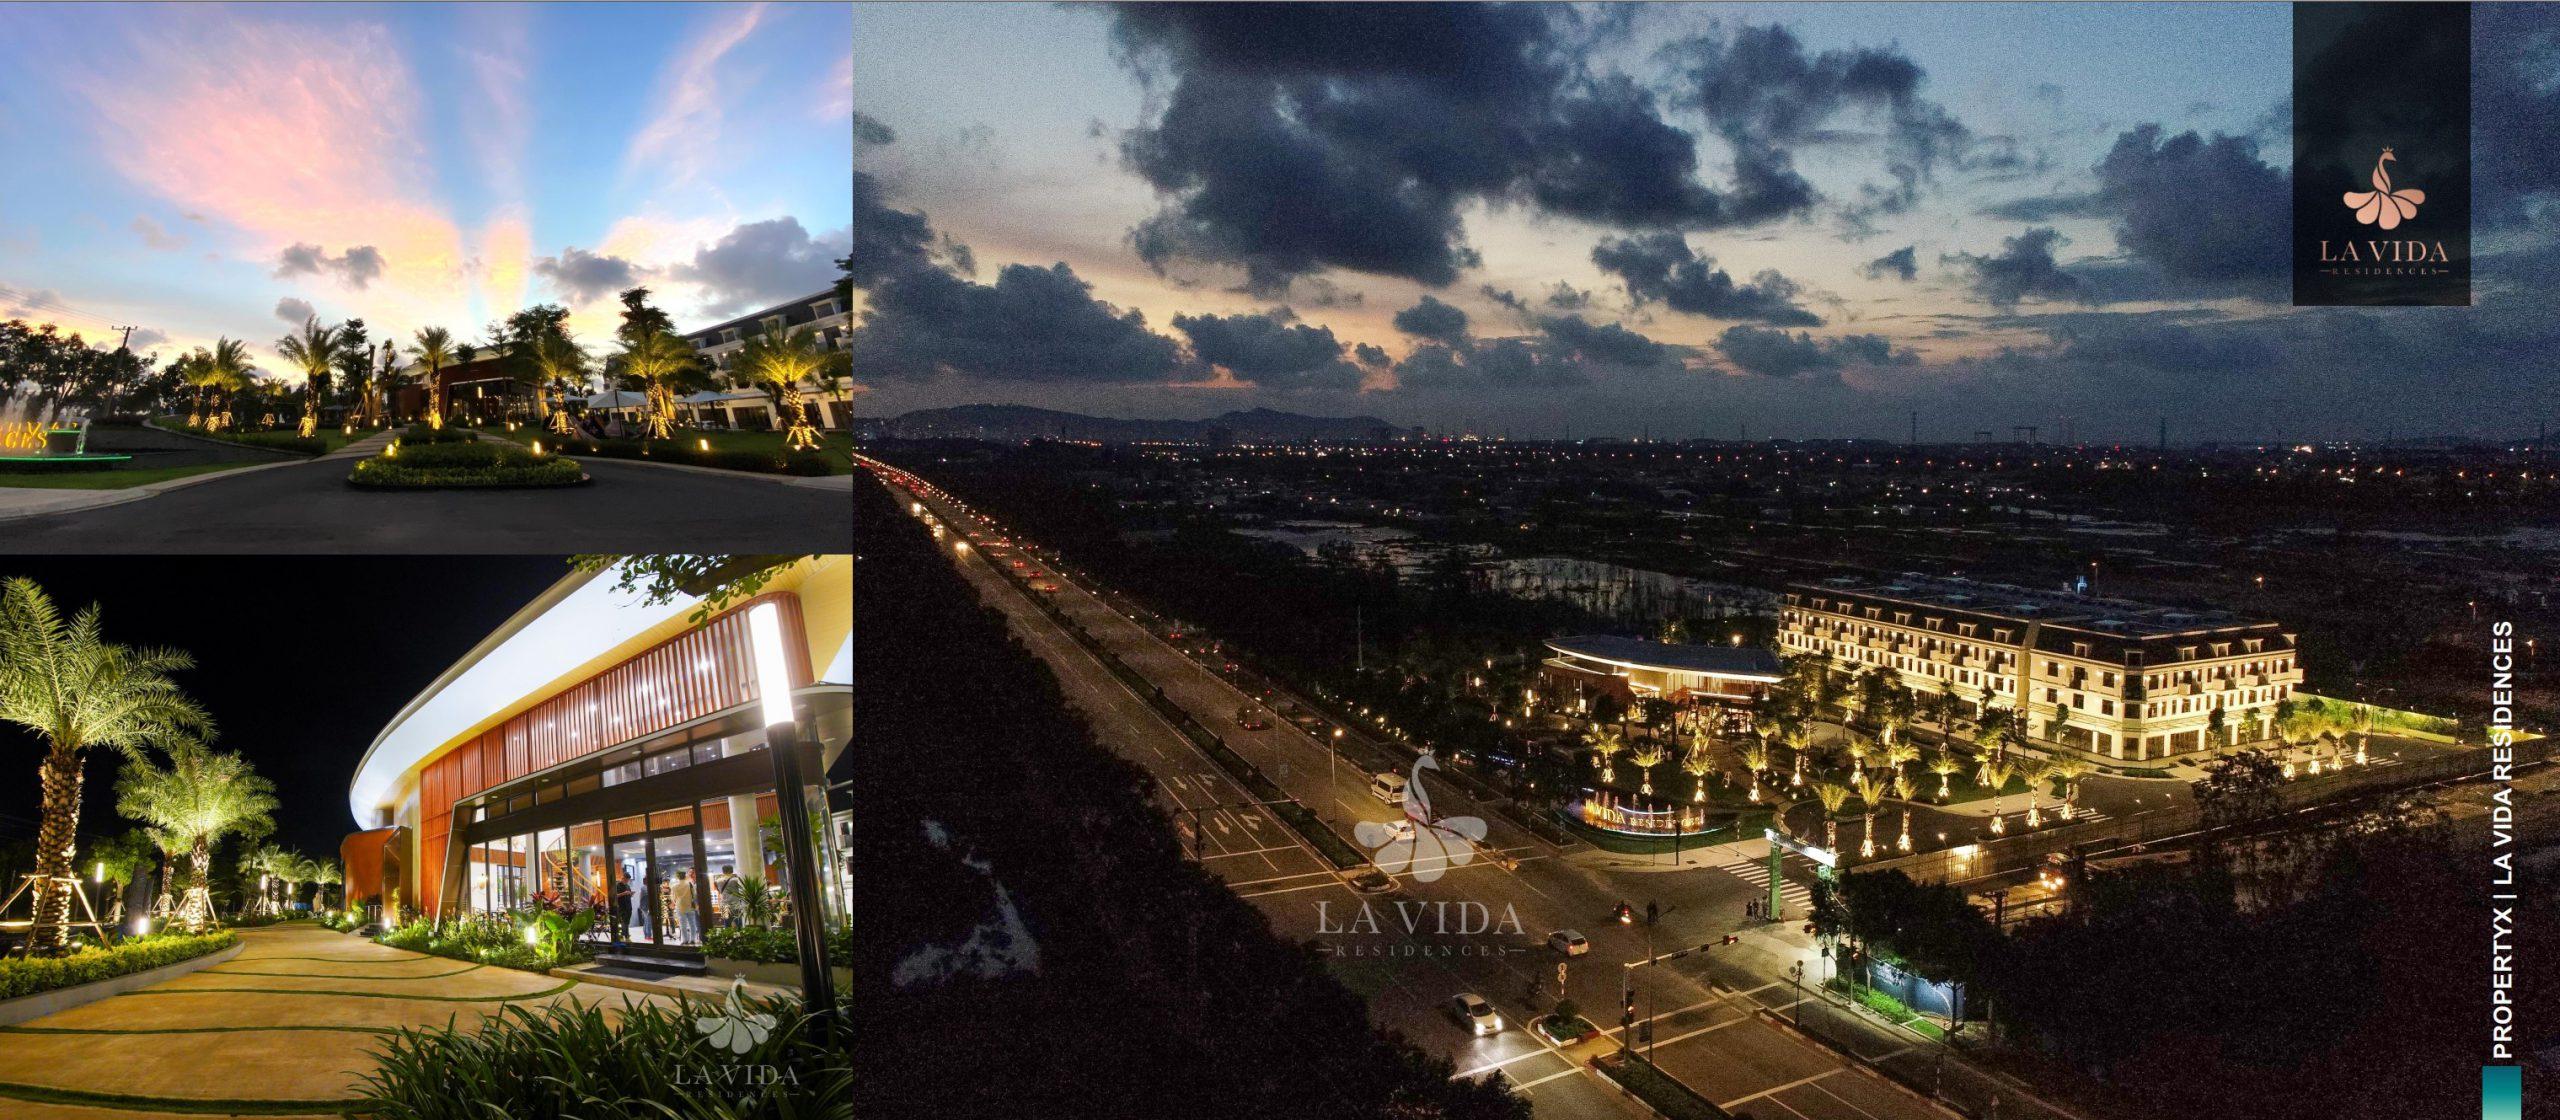 tien-do-xay-dung-du-an-la-vida-residences-thang-11-2020-3